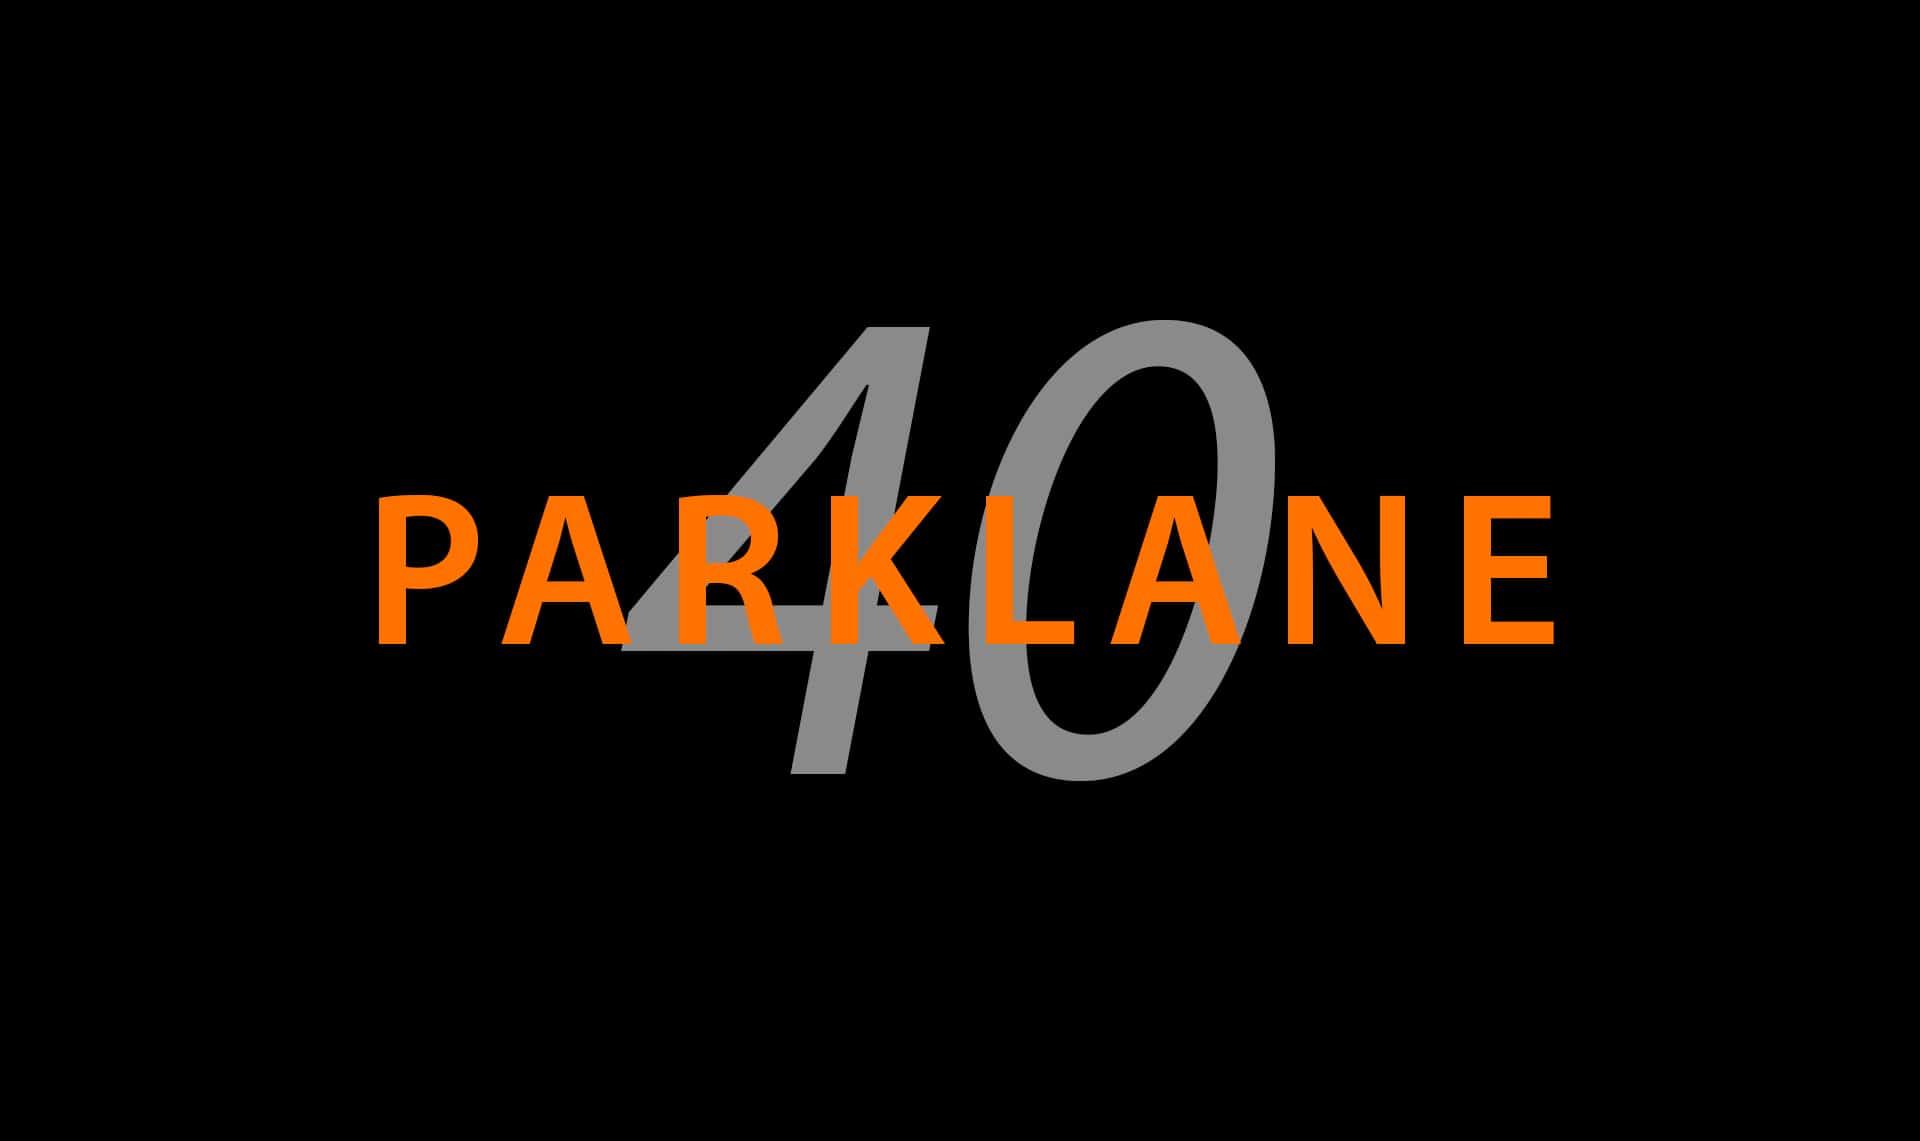 40ParkLane Massachusetts Digital Marketing Agency